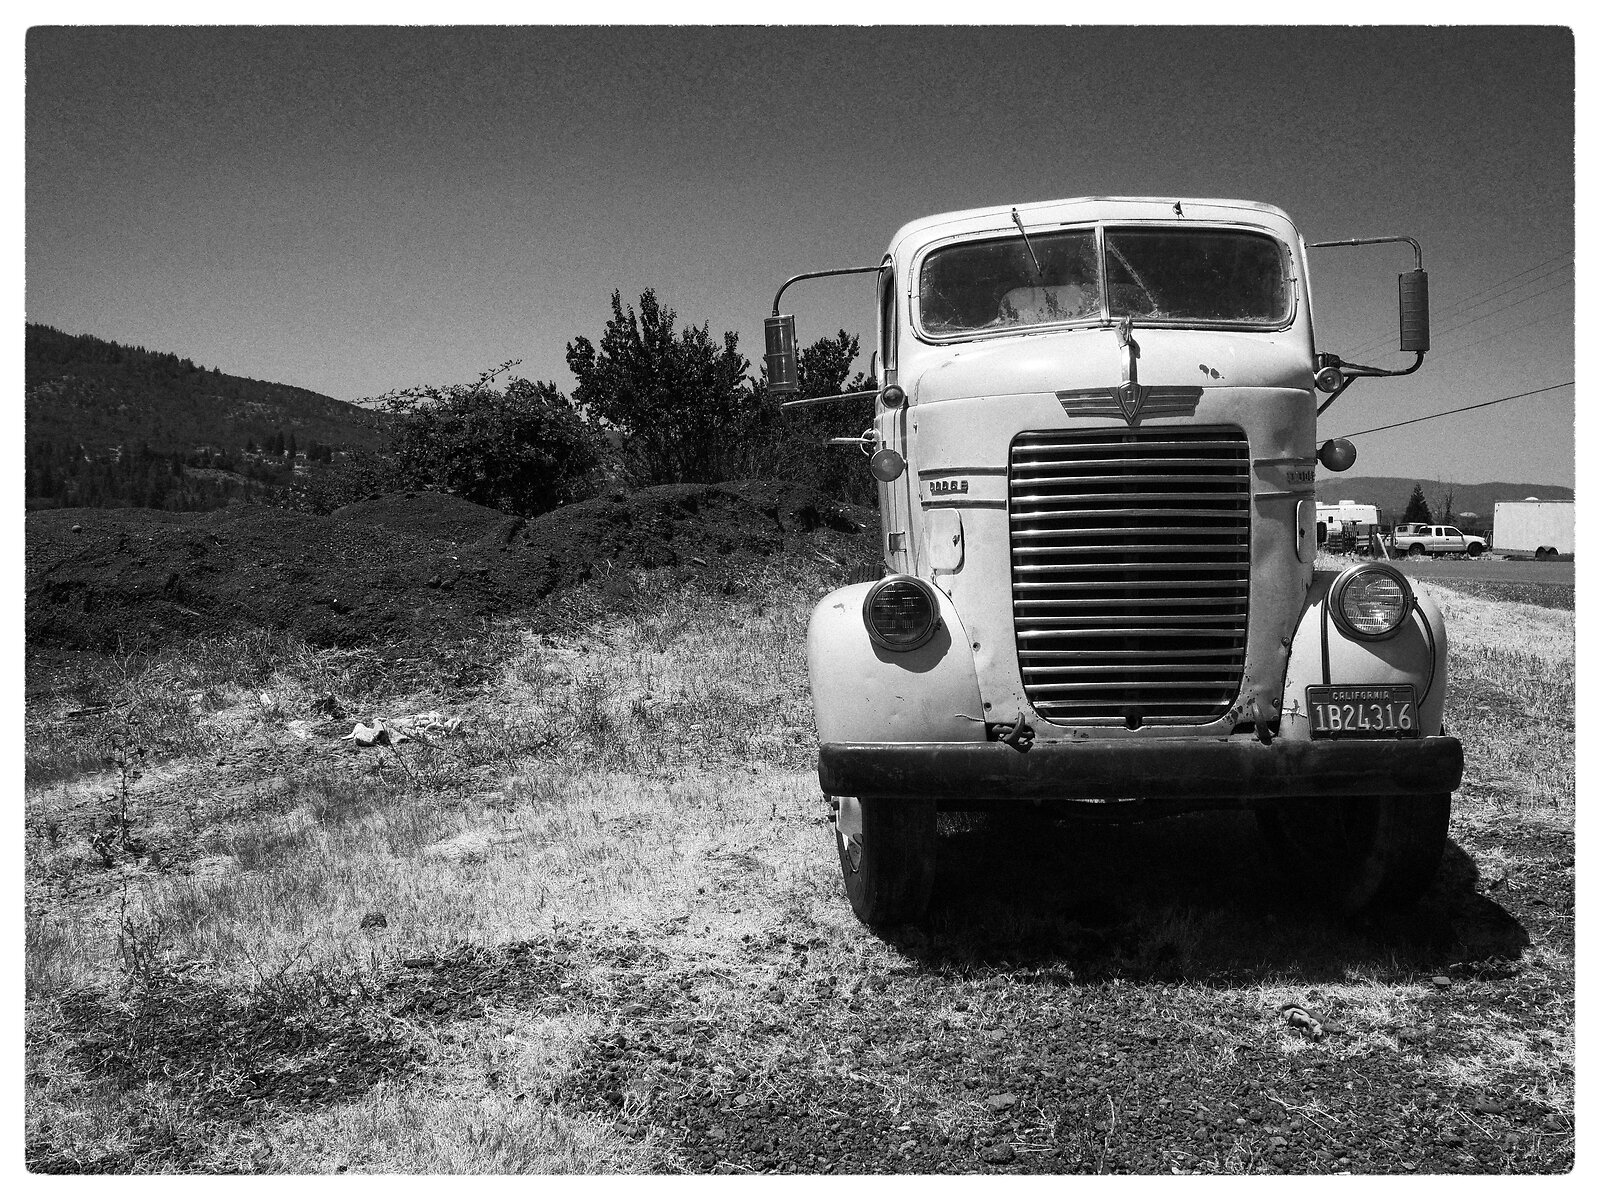 GX9_July6_21_DODGE_truck(l.mono.d).jpg